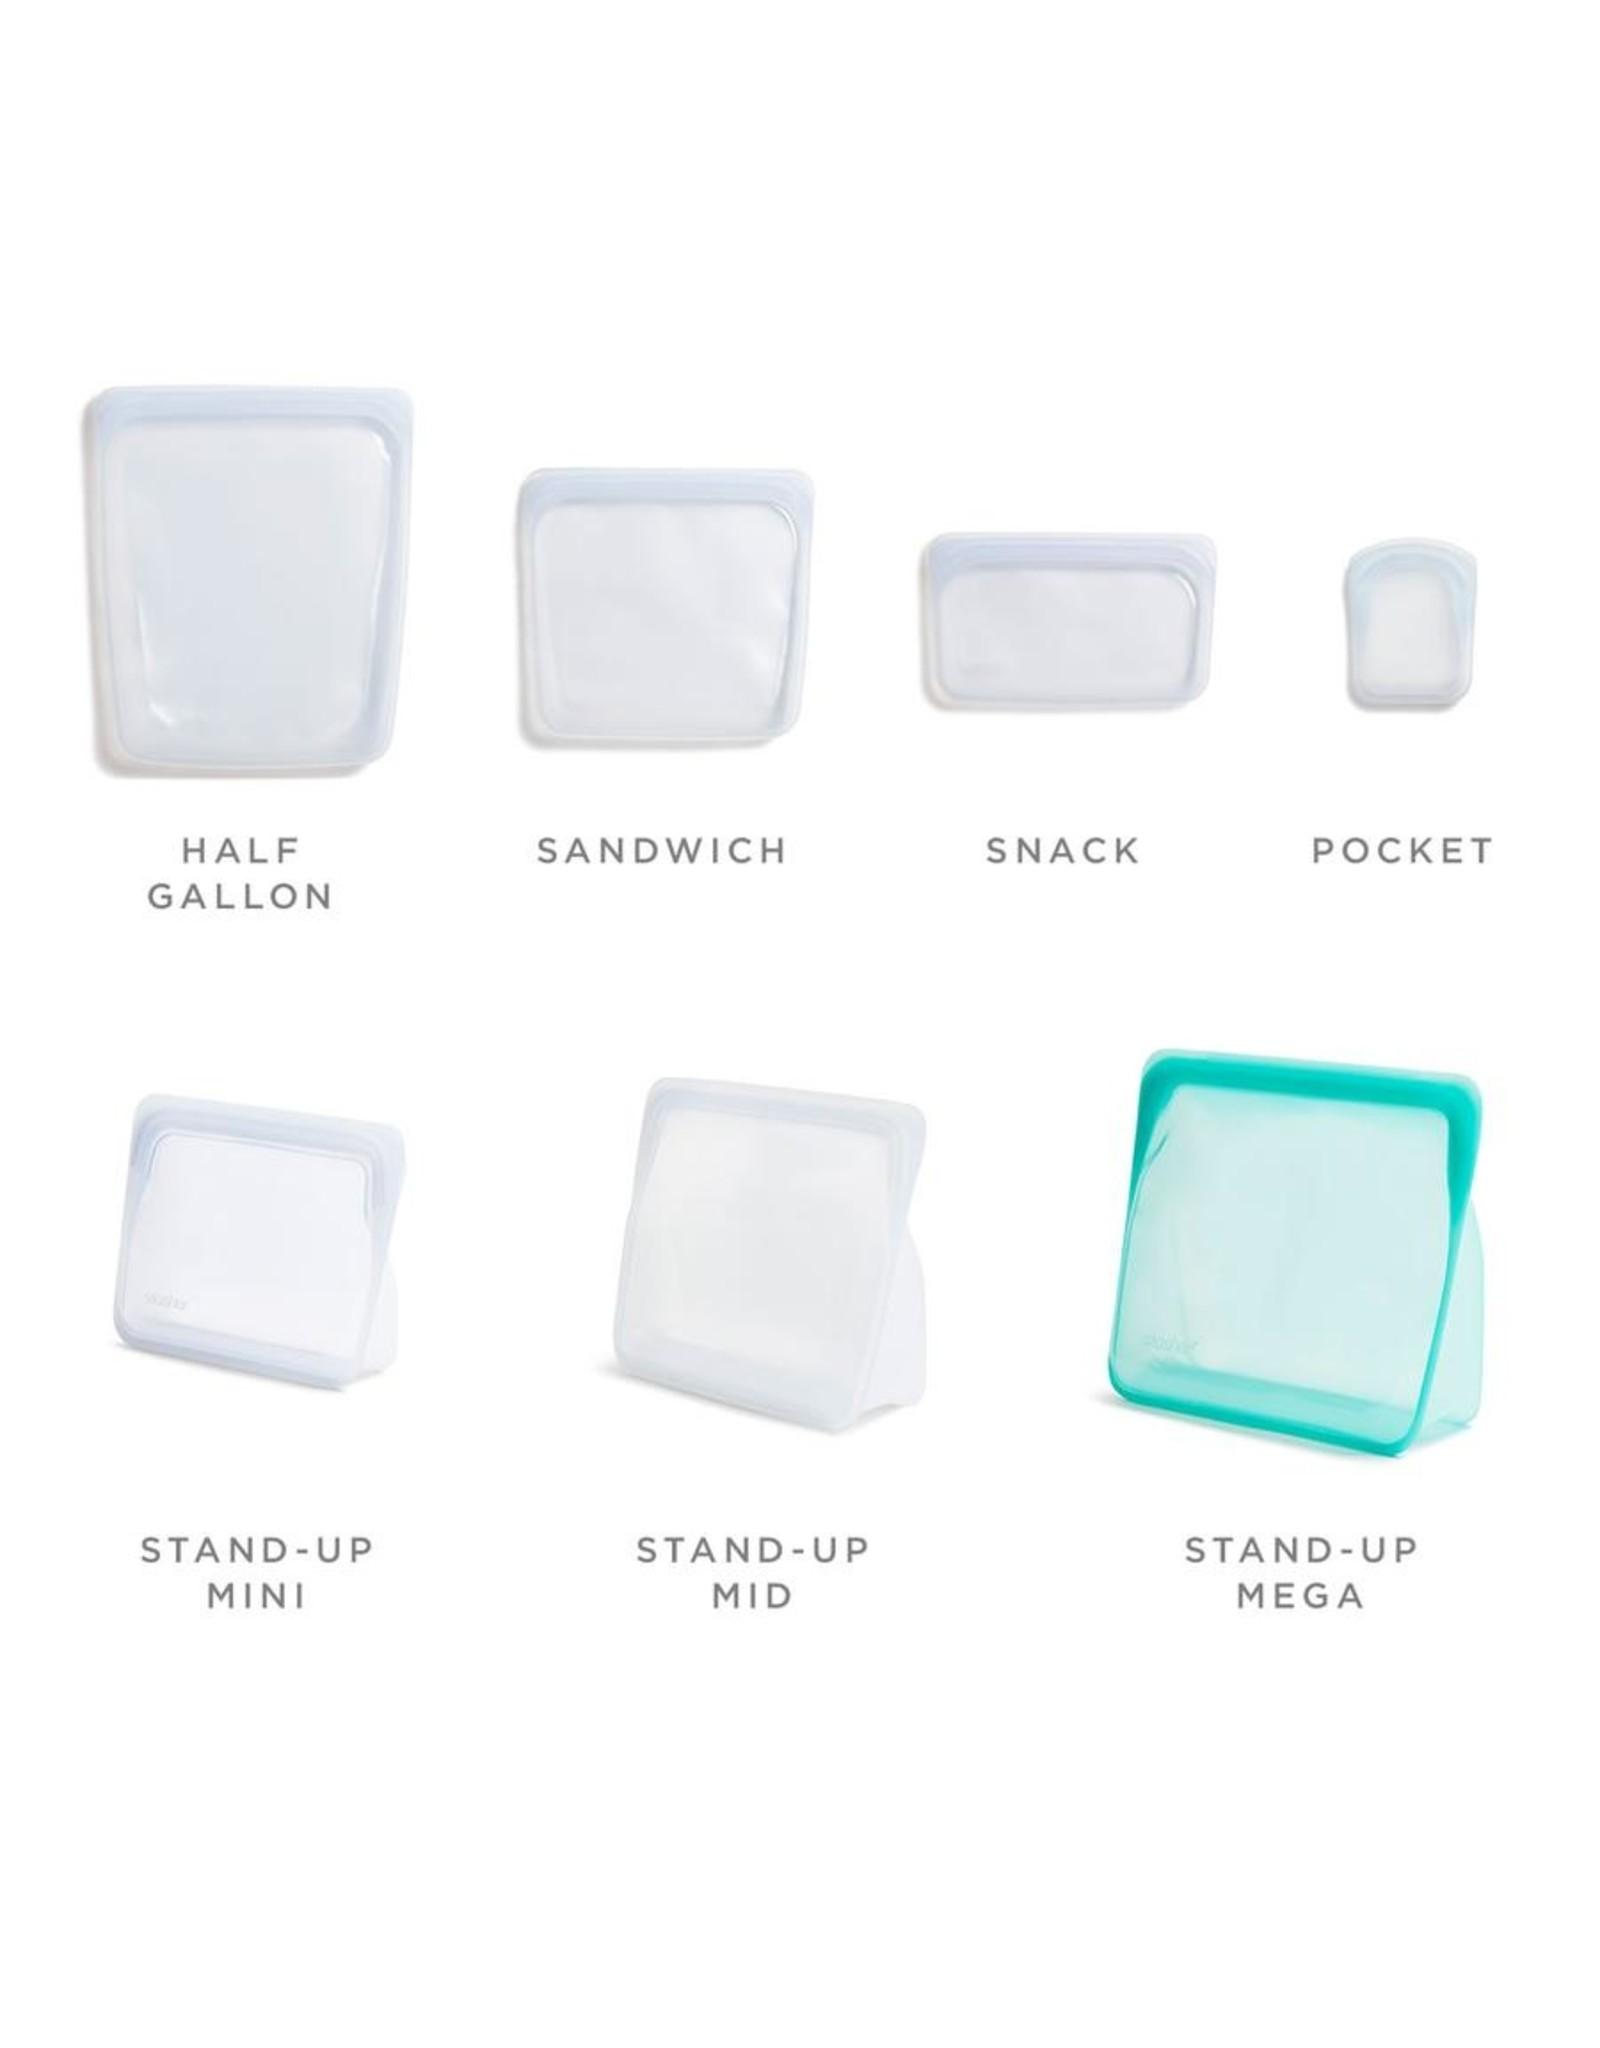 Stasher Reusable Silicone Mega Stand-Up Storage Bag